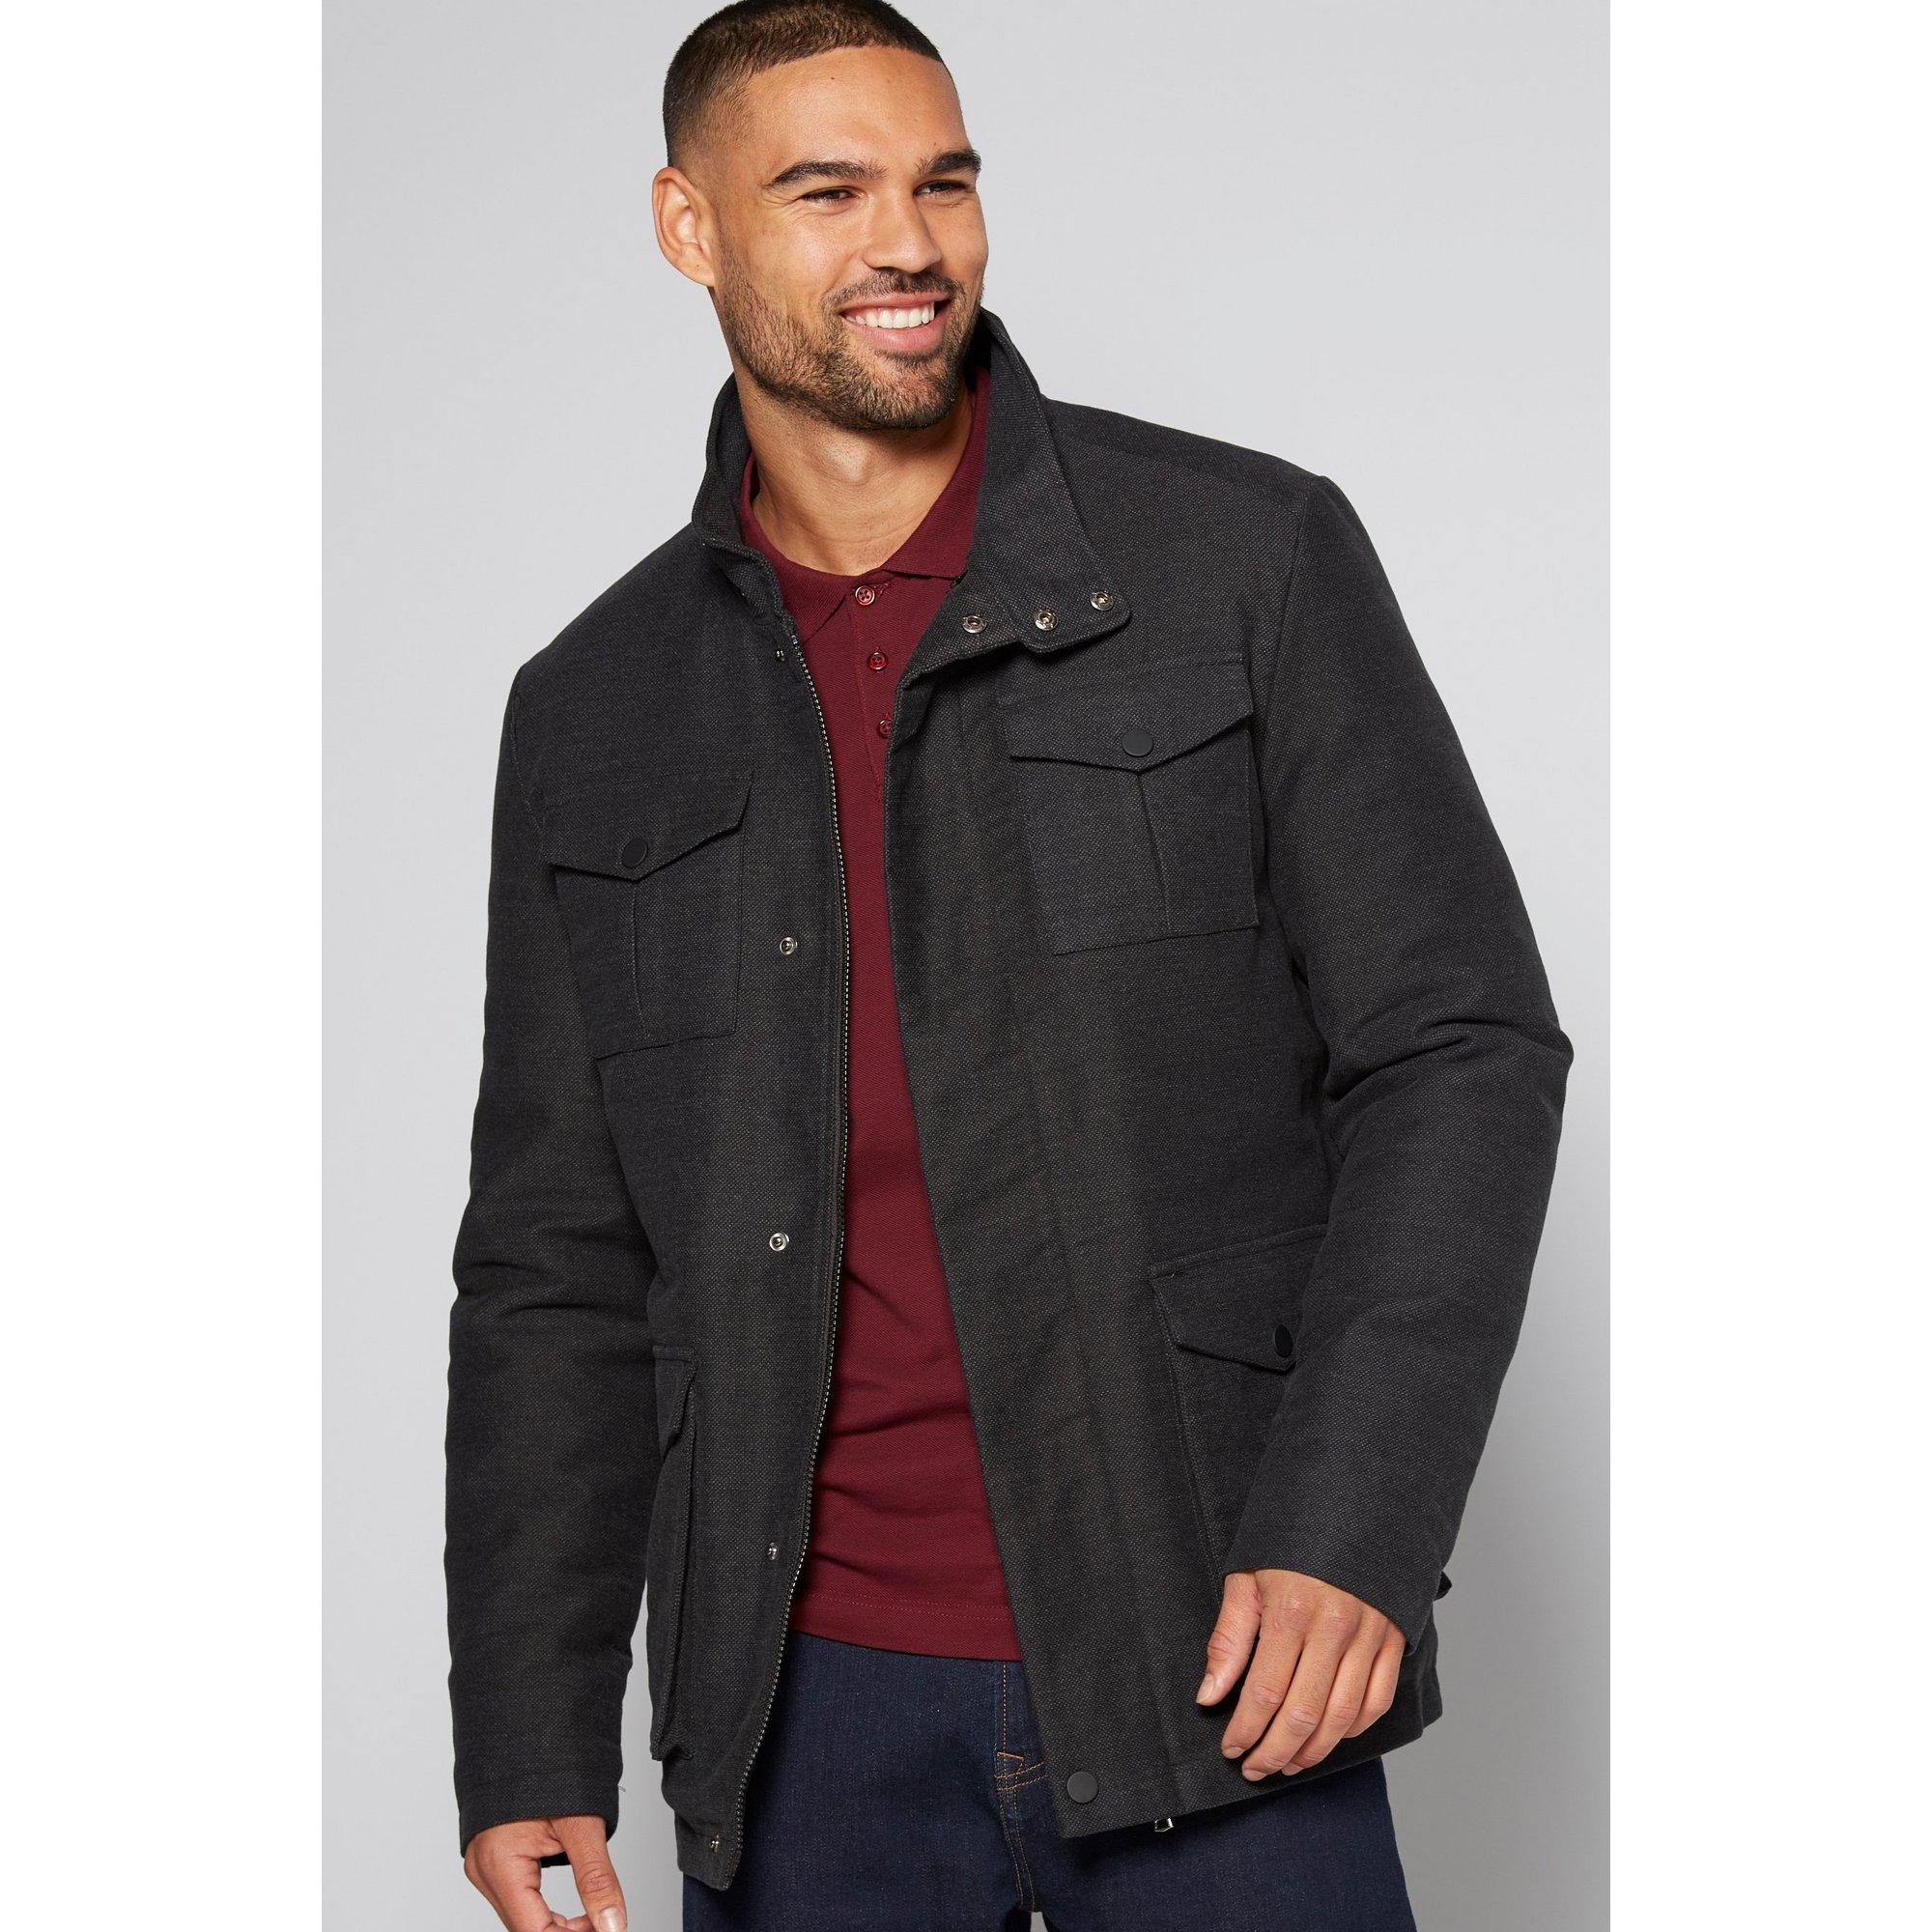 Image of 4 Pocket Jacket